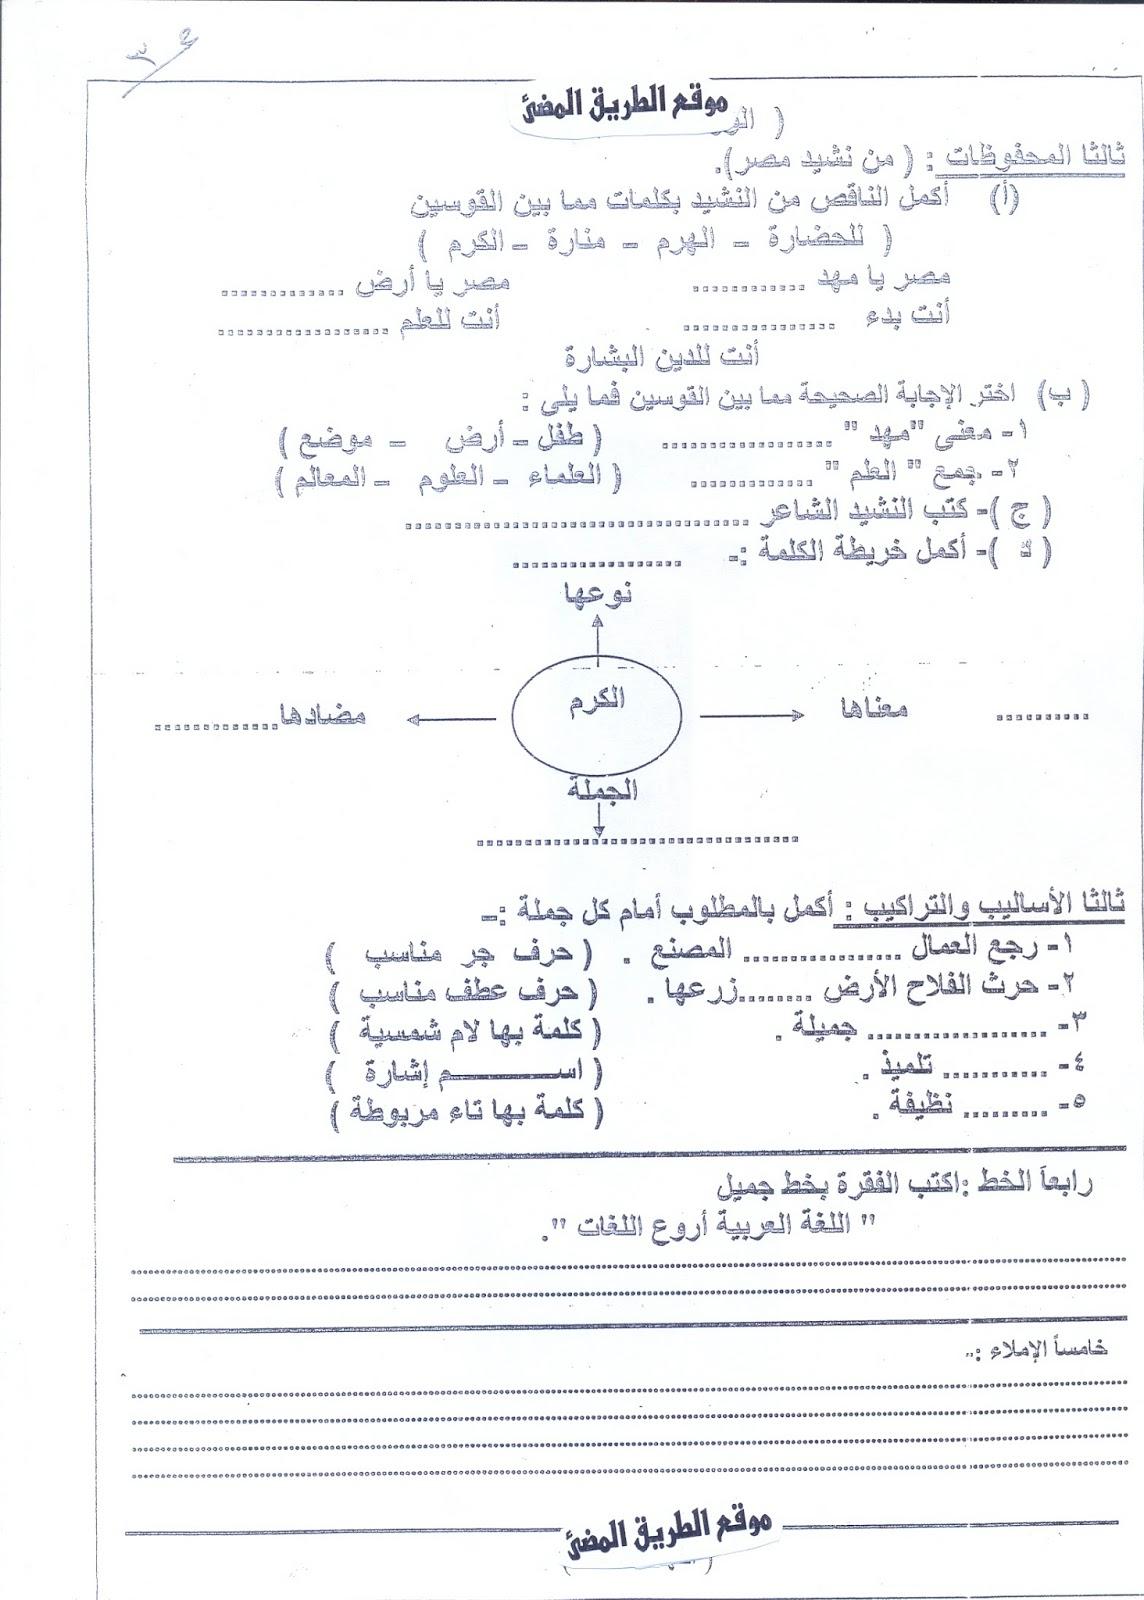 تحميل إختبارات اللغة العربية الصف الخامس الابتدائي الرسمية الترم الاول  , امتحانات مجمعة من جميع الادارات التعليمية